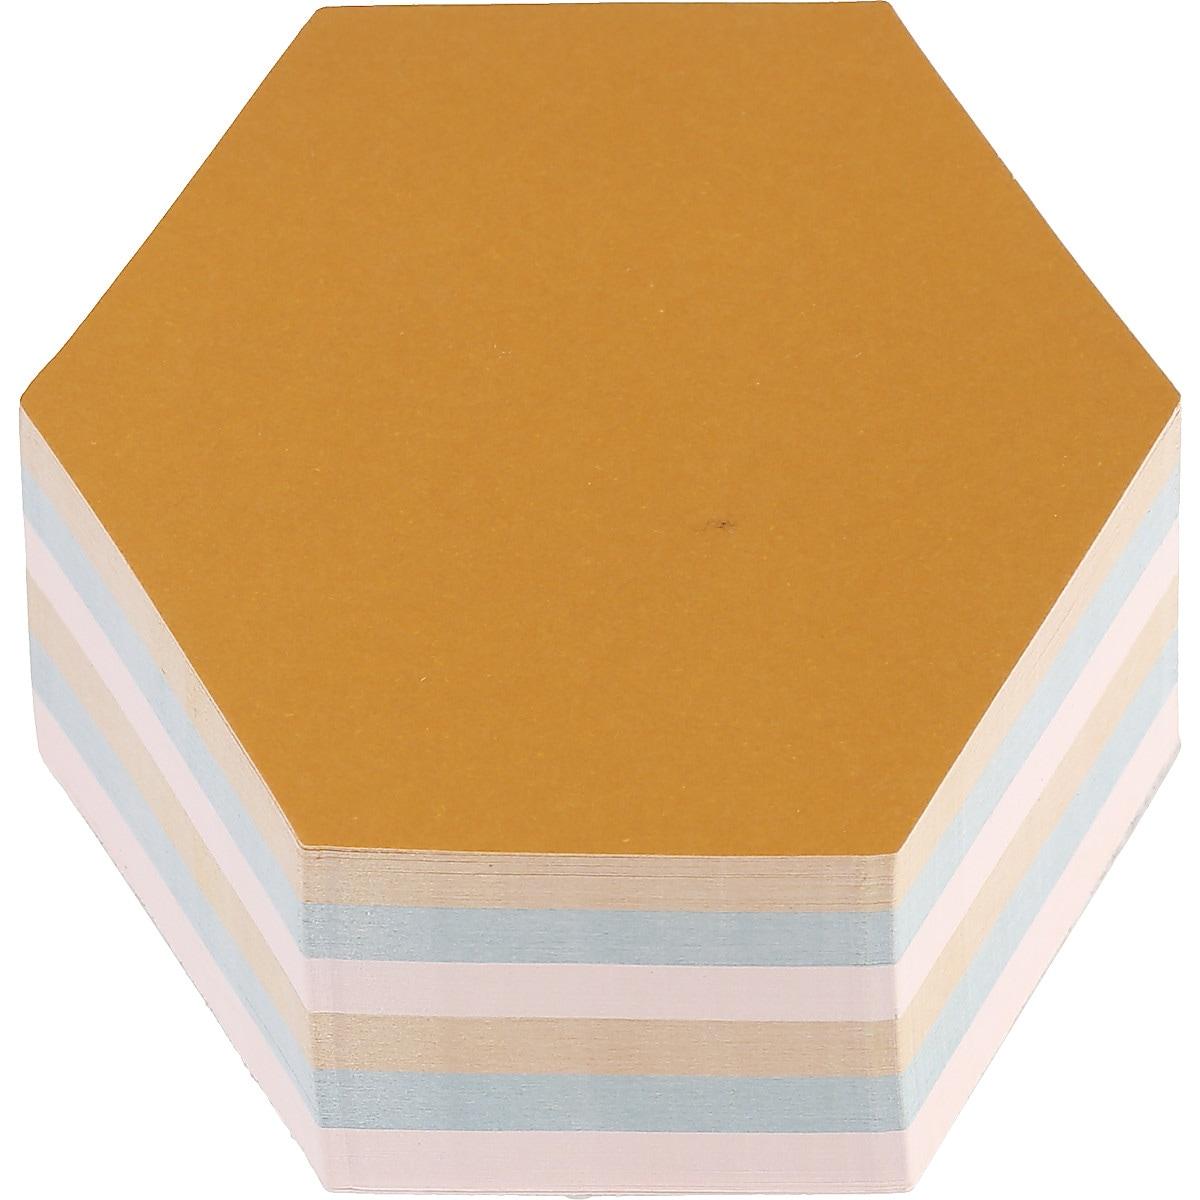 Notiskub Hexagon